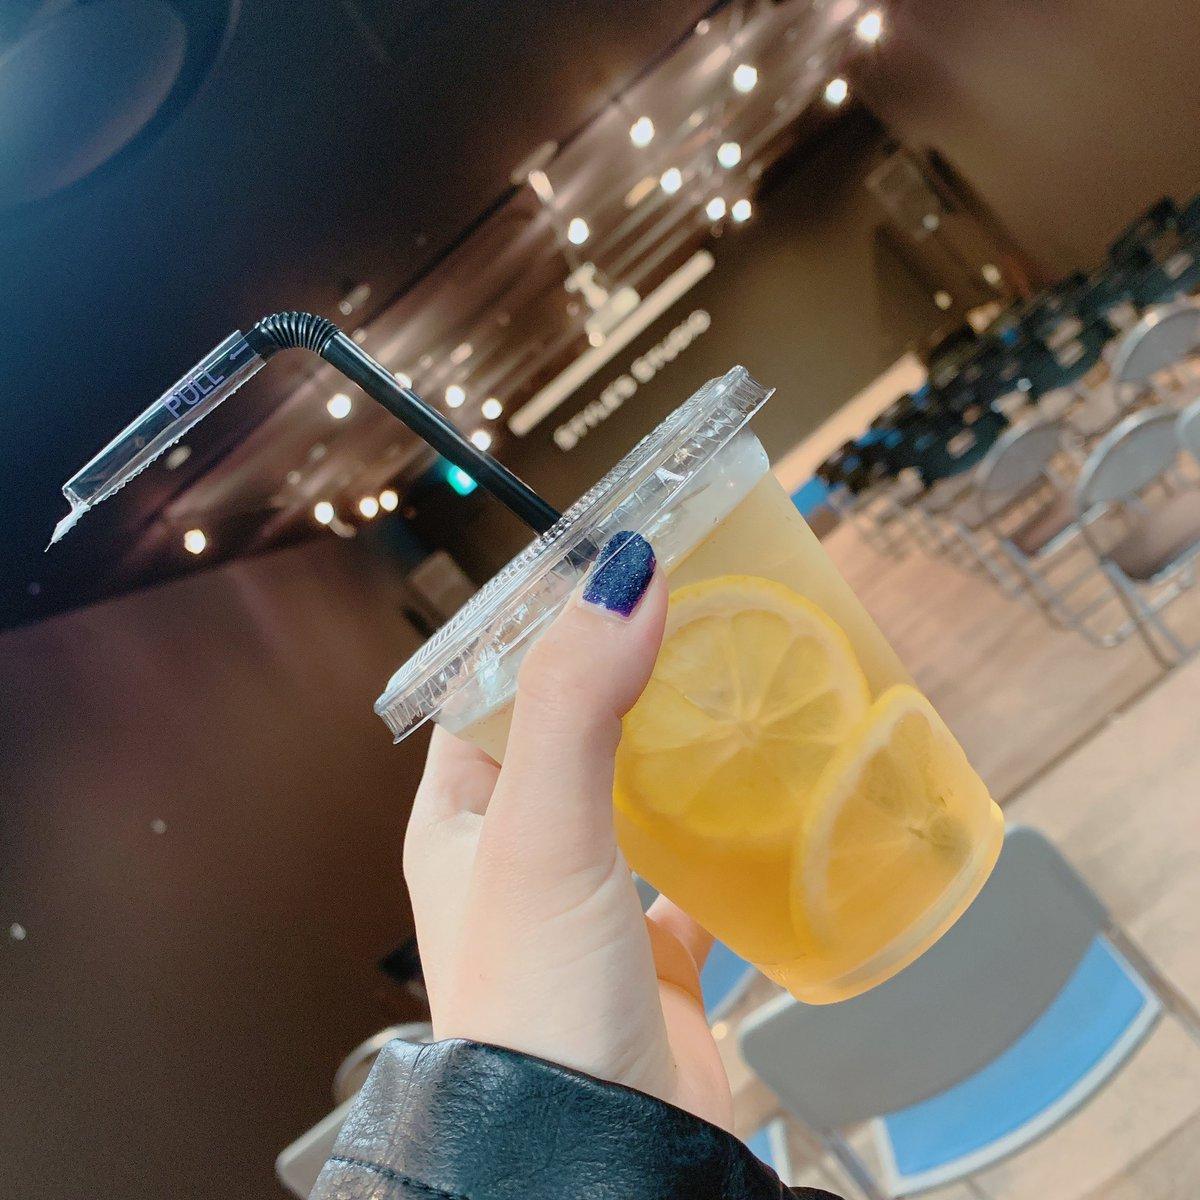 本日のリリースイベント会場お隣のカフェ「STYLE'S  COFFEE」さんのレモネード…🍹とっっても美味しい。ご馳走様でした…!また帰ってきます…🐾#新星堂#Null#ReoNa